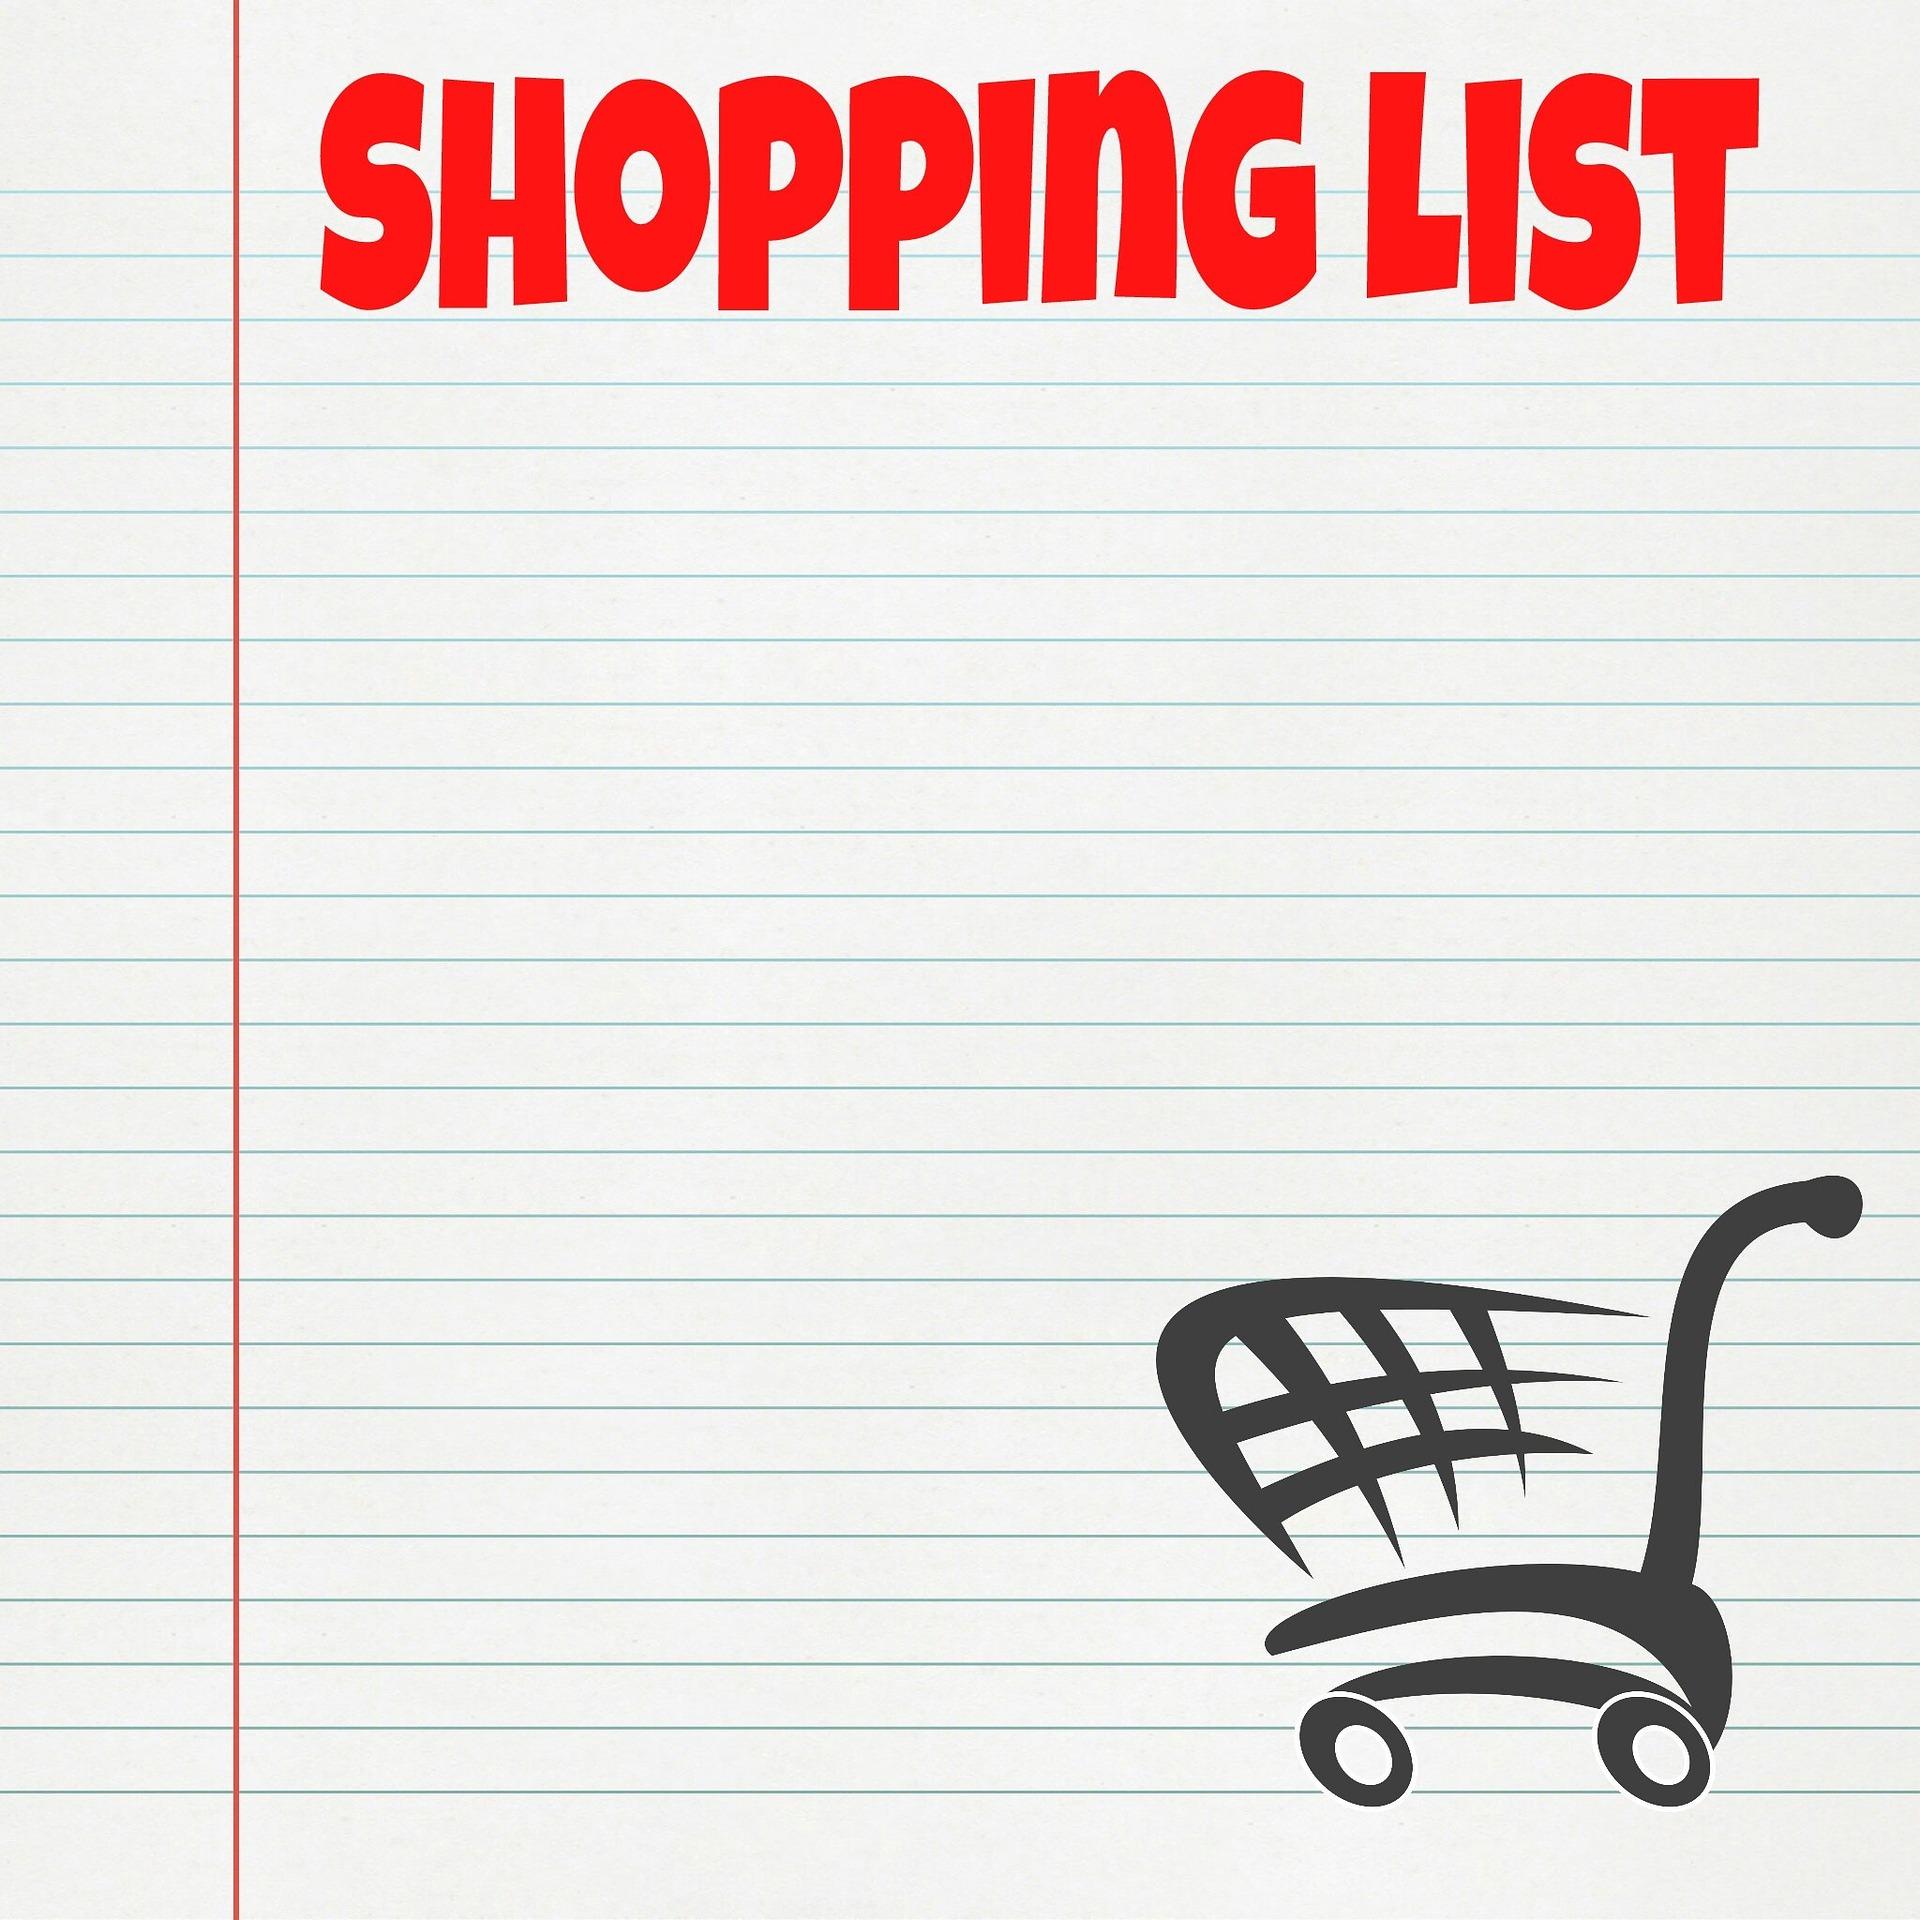 Create A Shopping List In Advance